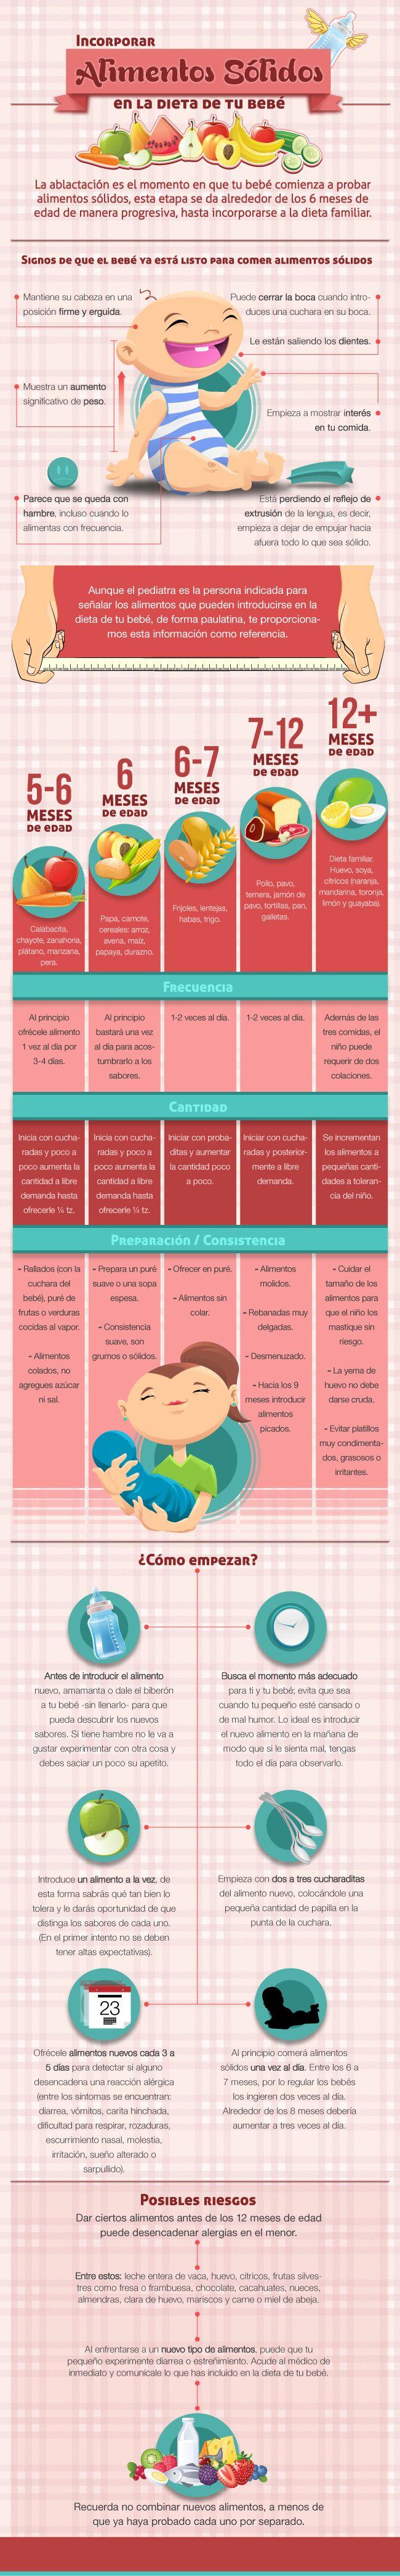 aprende a incorporar alimentos sólidos en la dieta de tu bebé